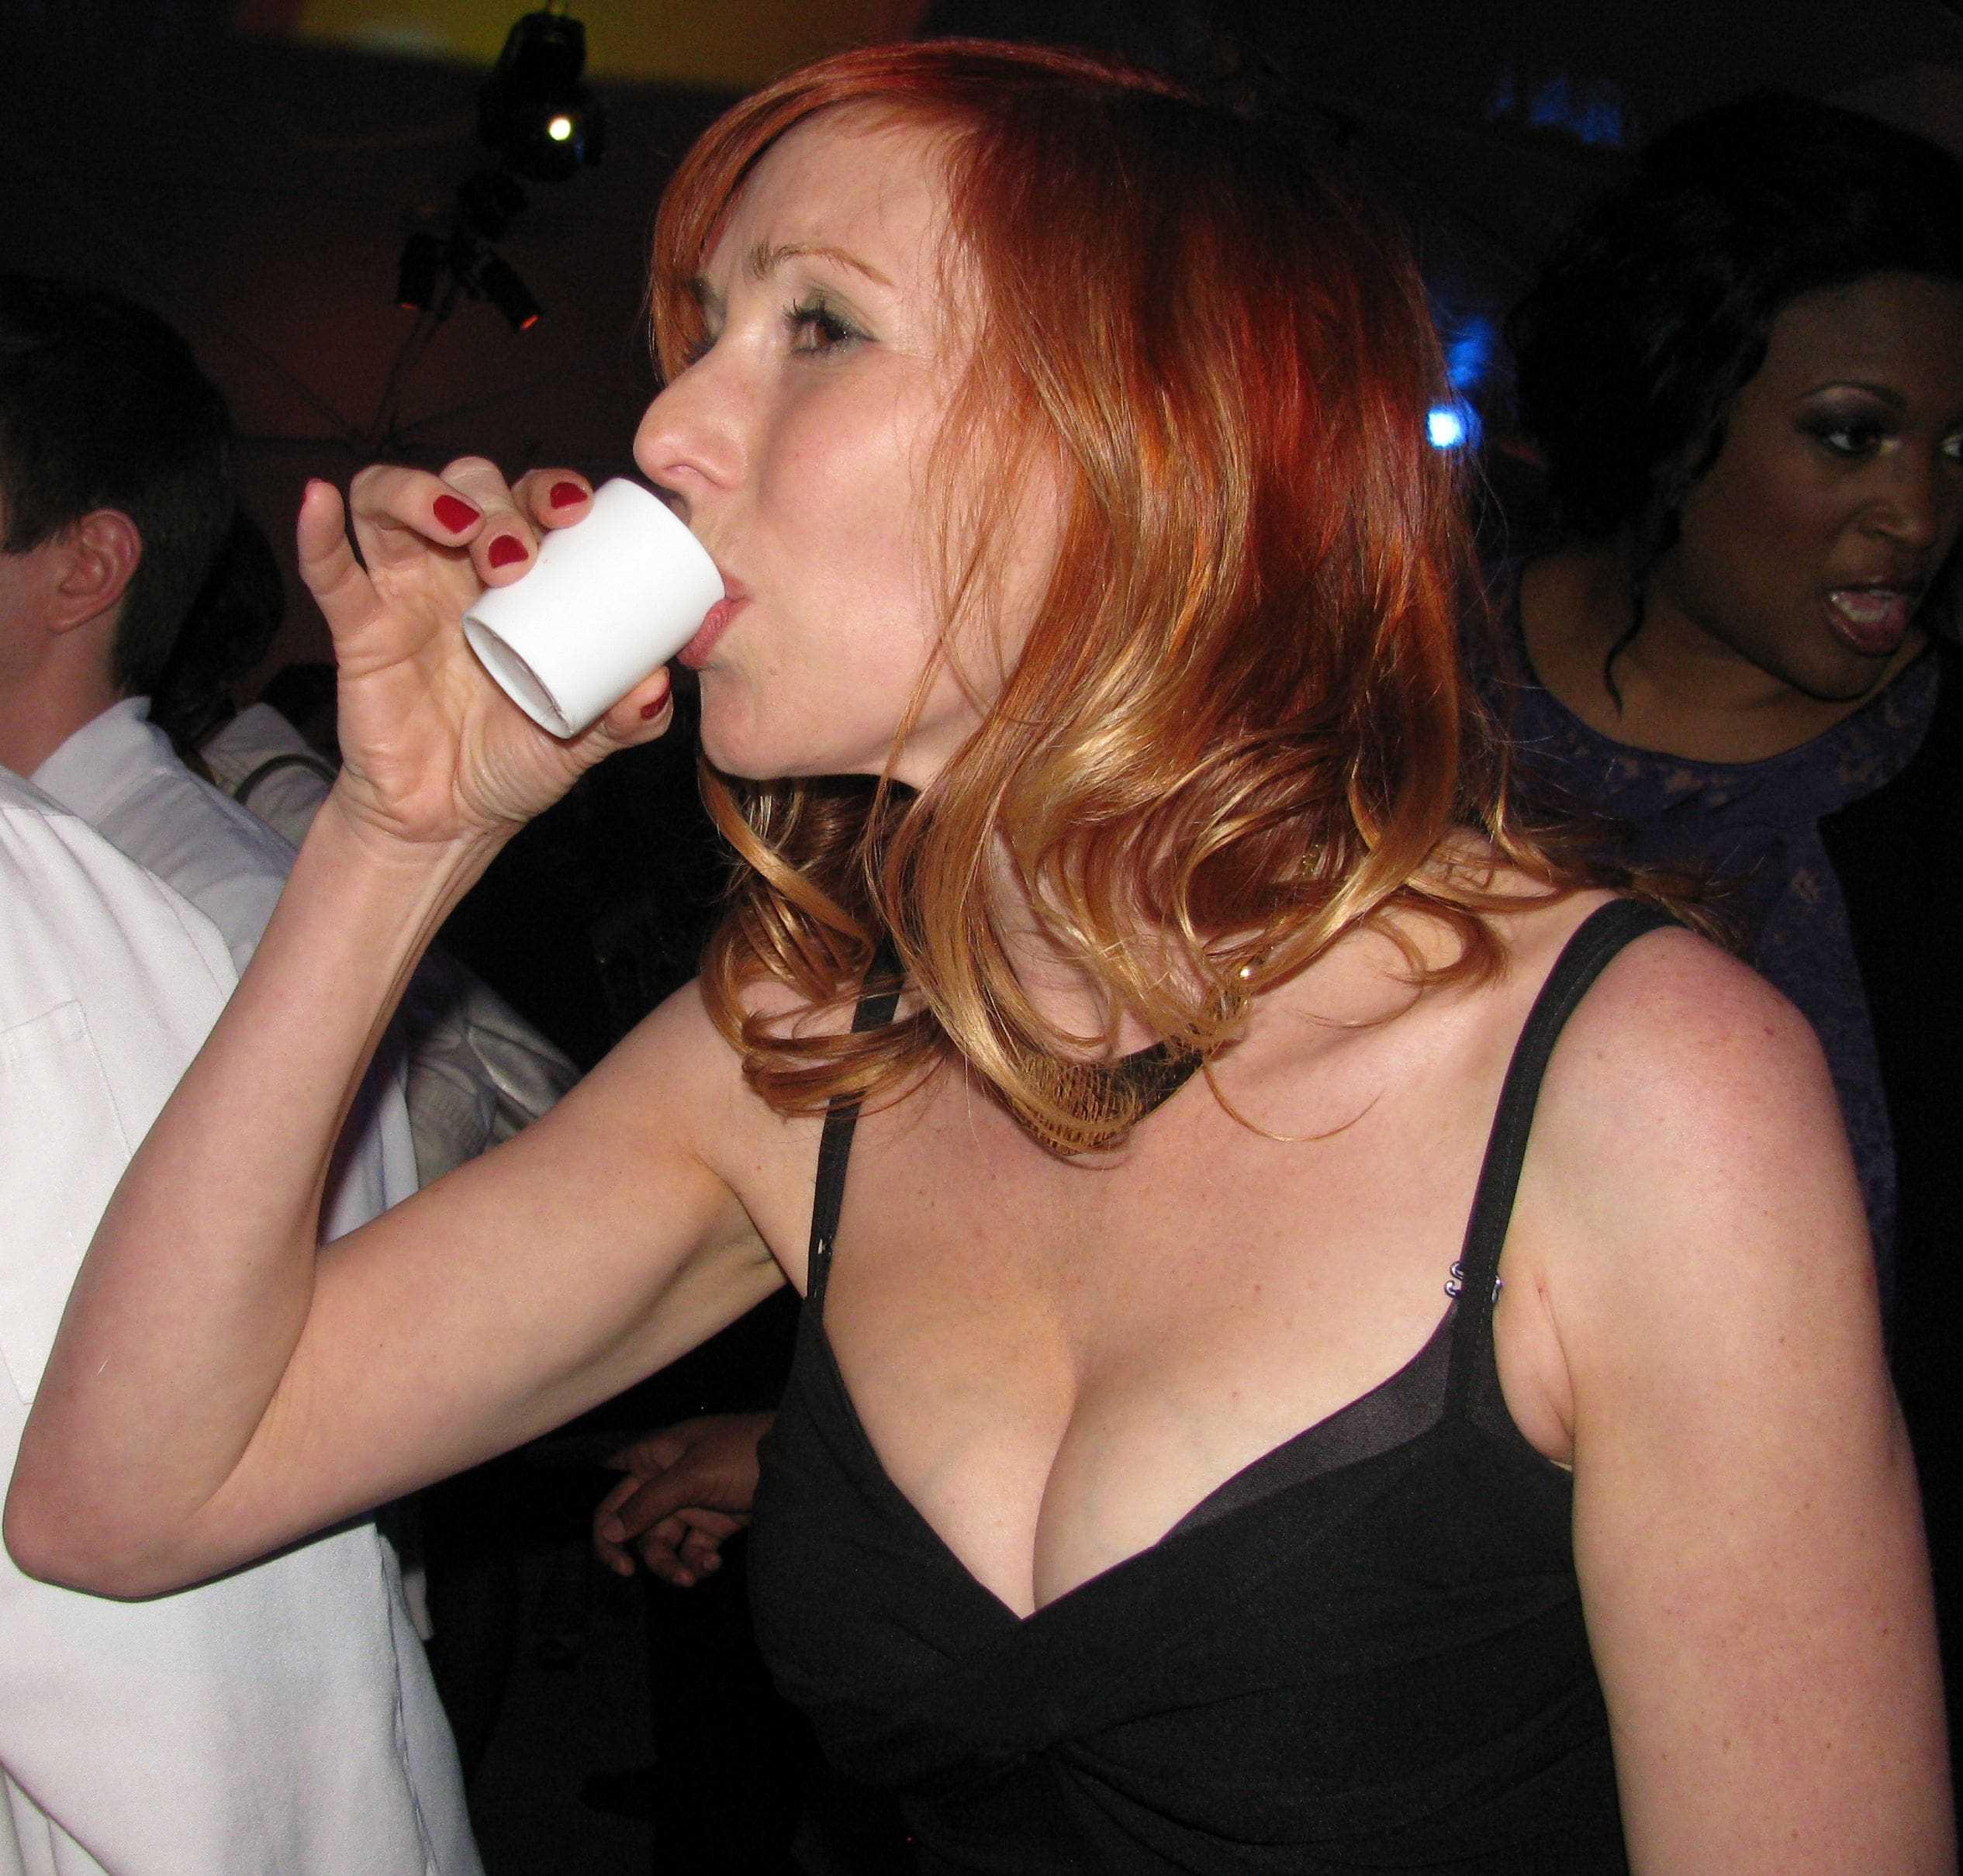 Kari Byron hot cleavage pic (2)